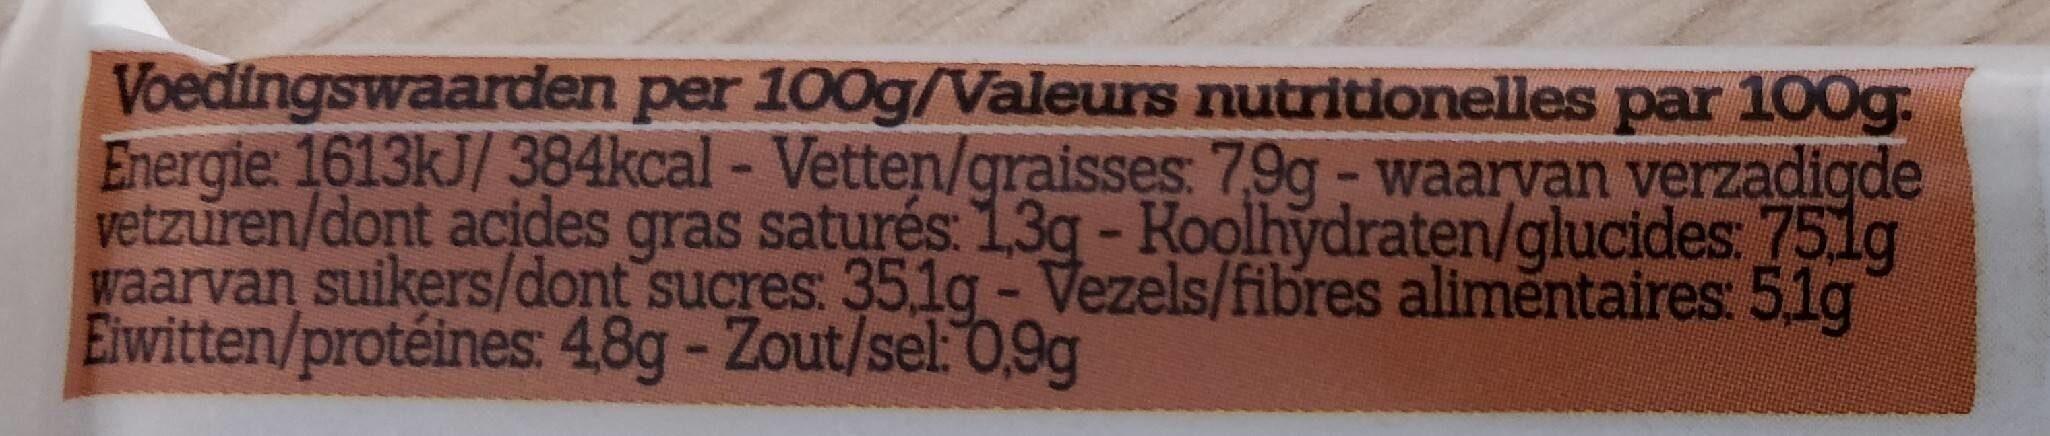 Damhert Glutenvrij Mueslireep Chocolade Glutenvrij - Voedingswaarden - fr